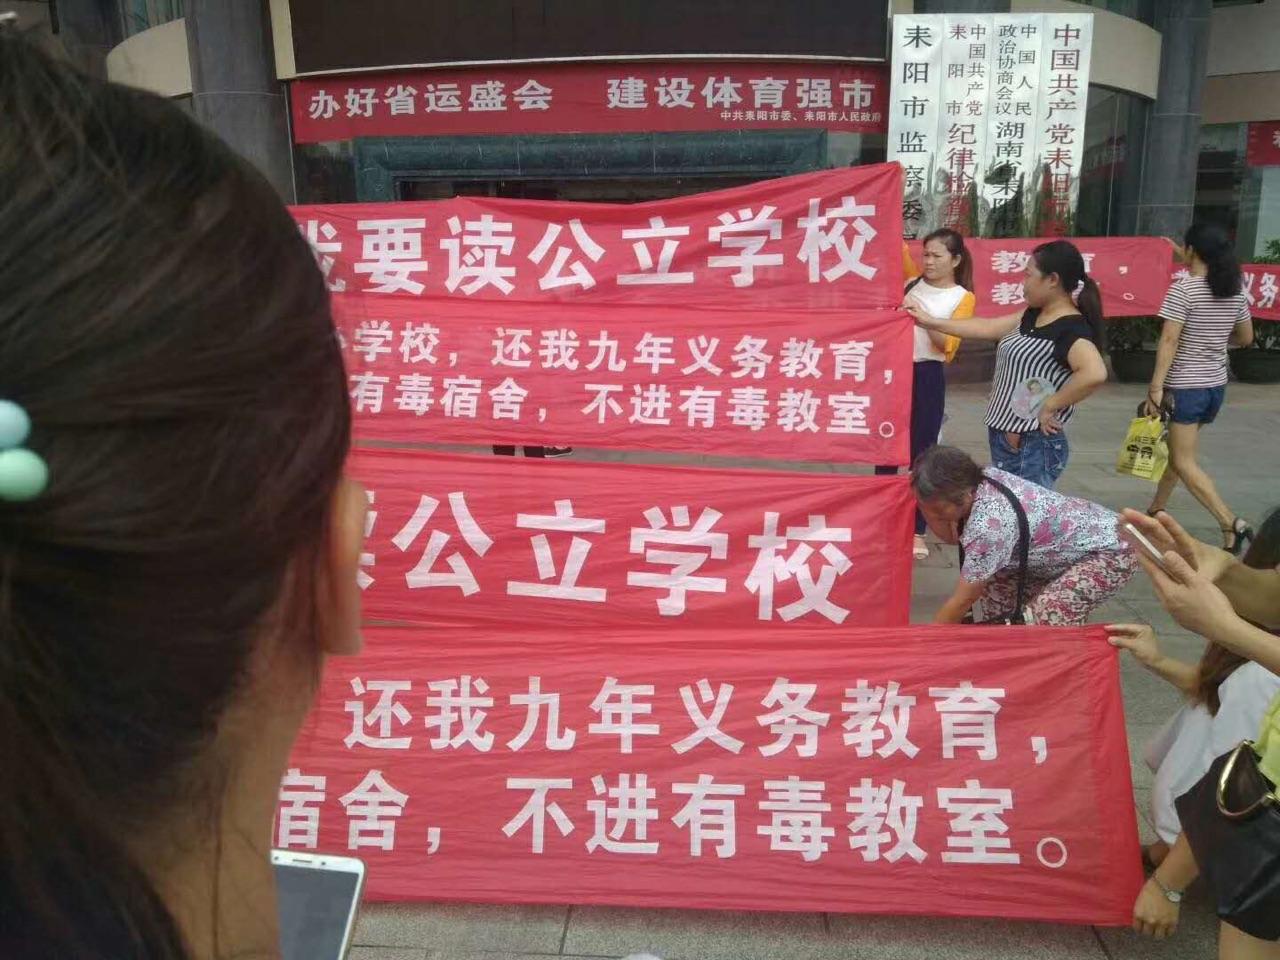 9月1日和2日,湖南耒陽市數千名家長因不滿公立學校學生被分流到私立學校而發起維權抗議。(受訪者提供)